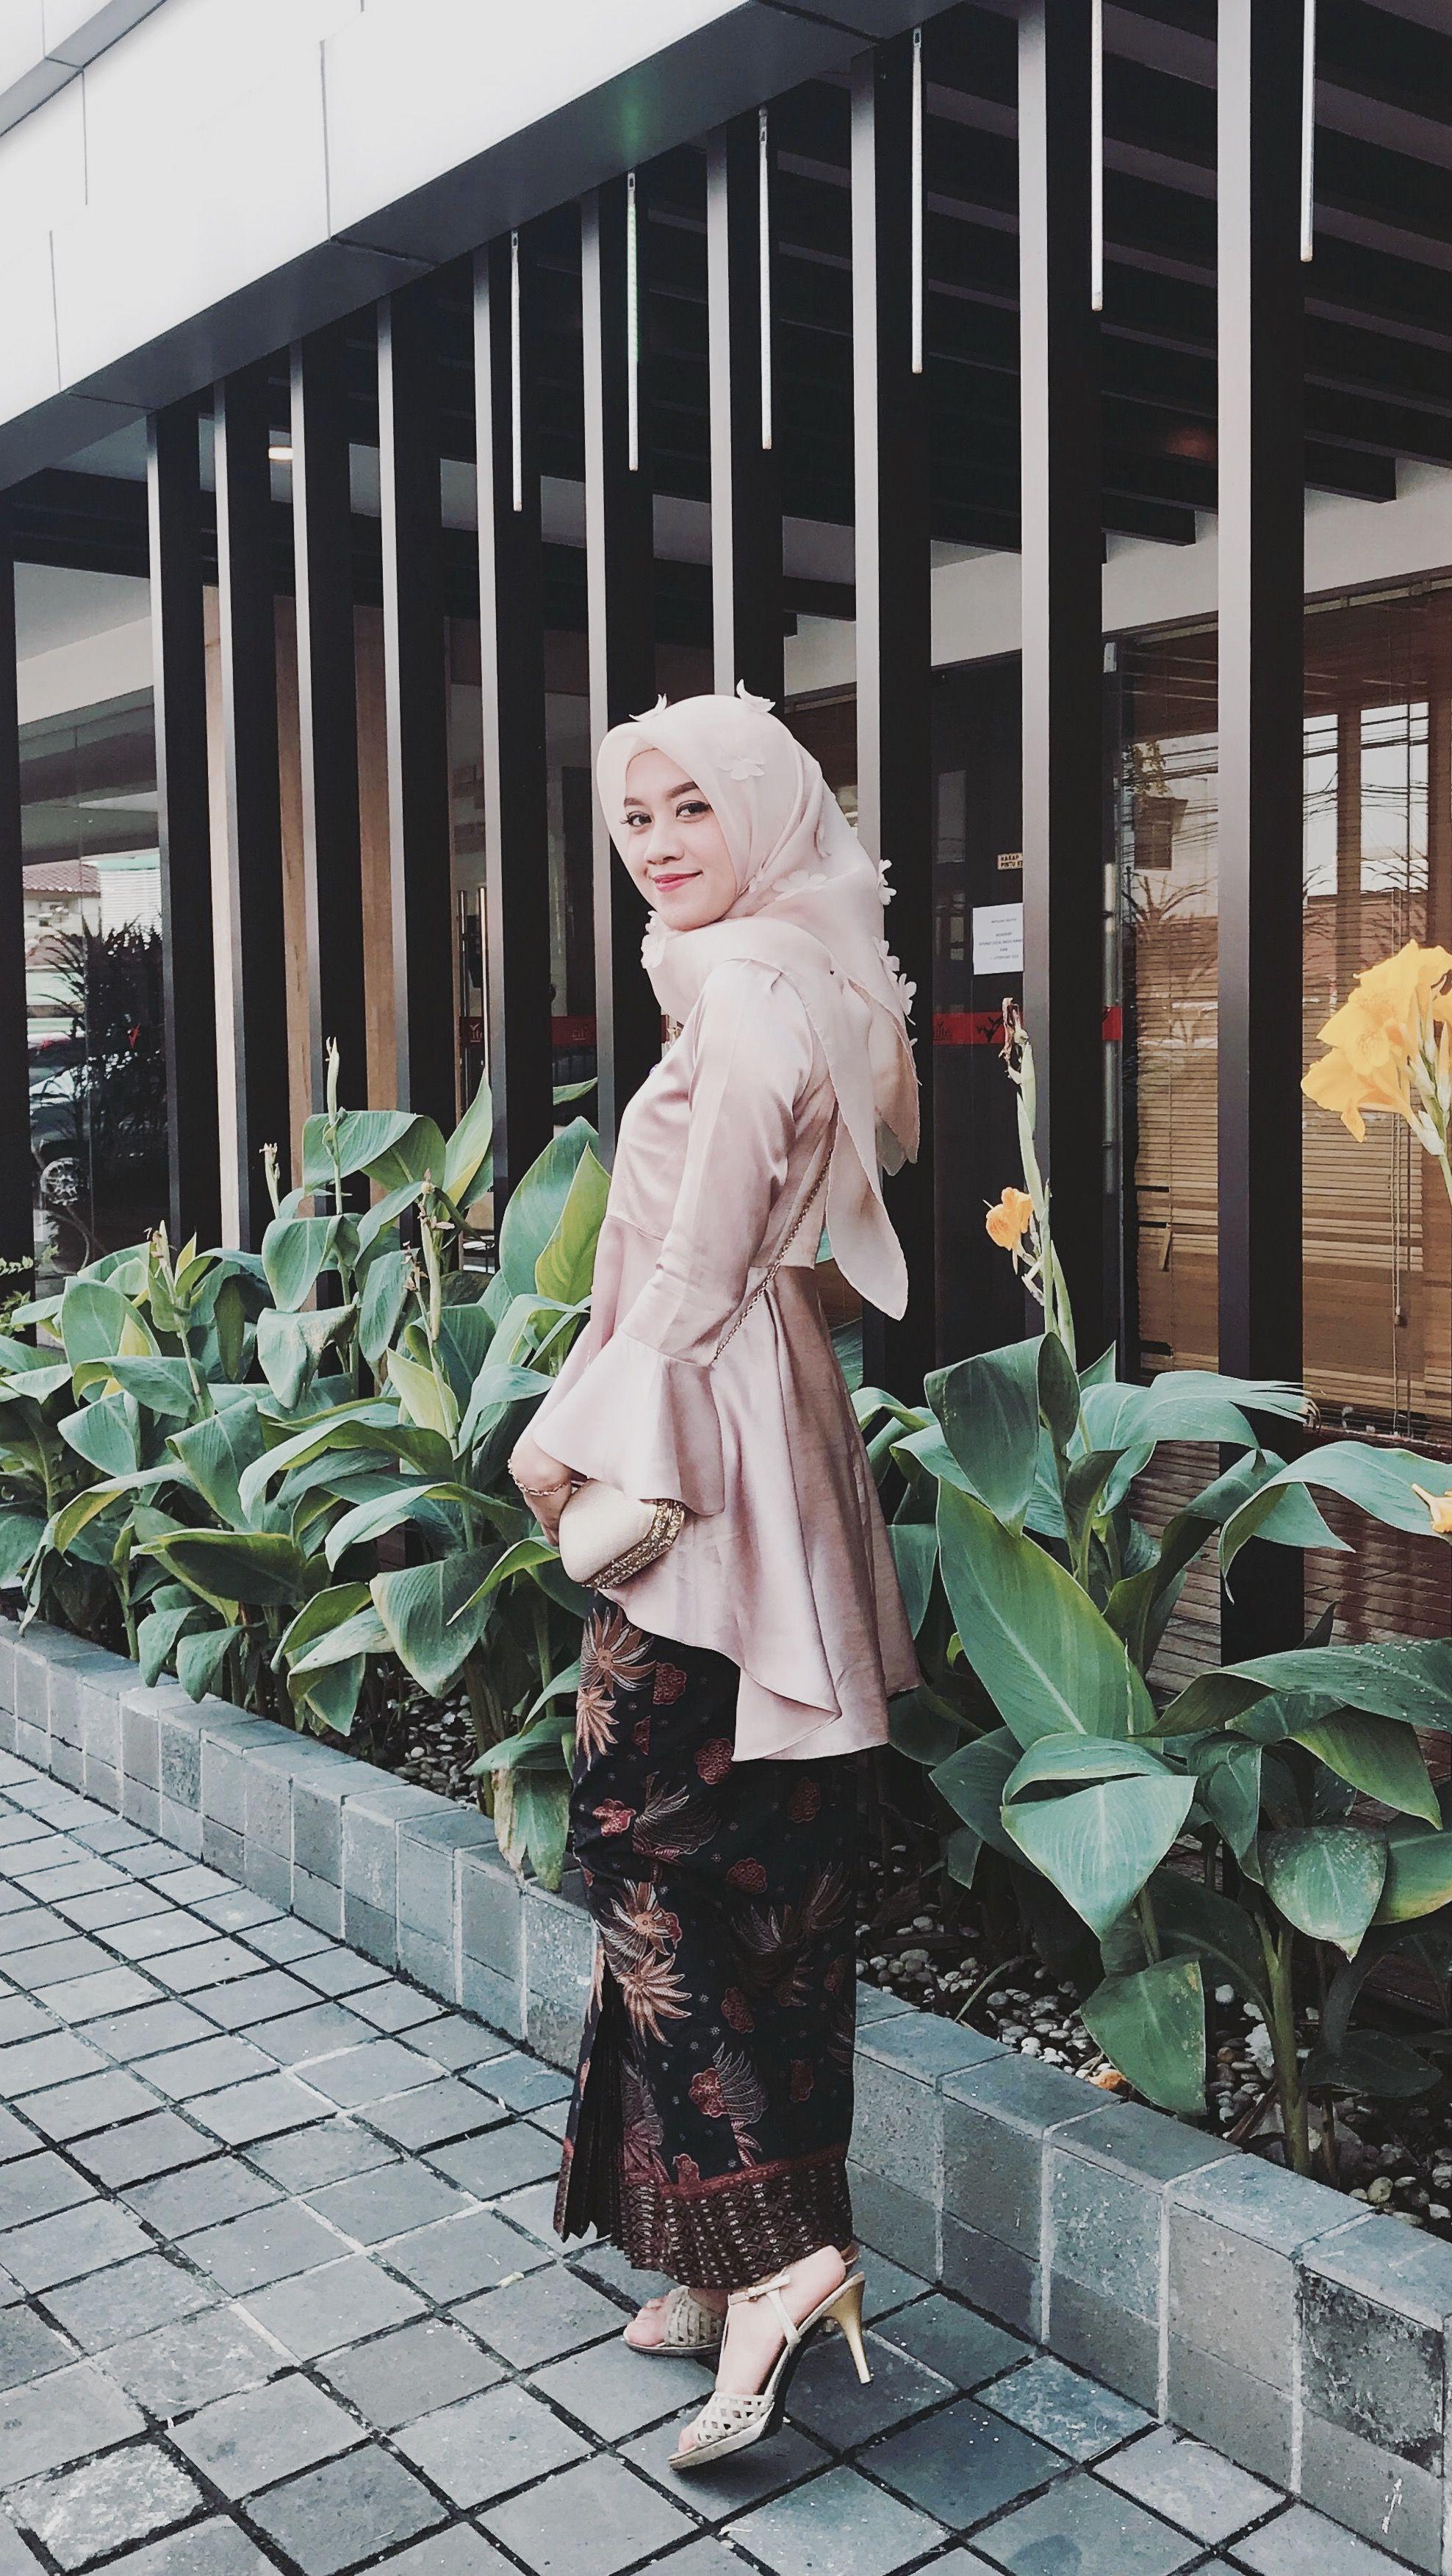 Pin oleh Uswatun.hasanah di Hijab Dress  Gaun remaja, Pakaian